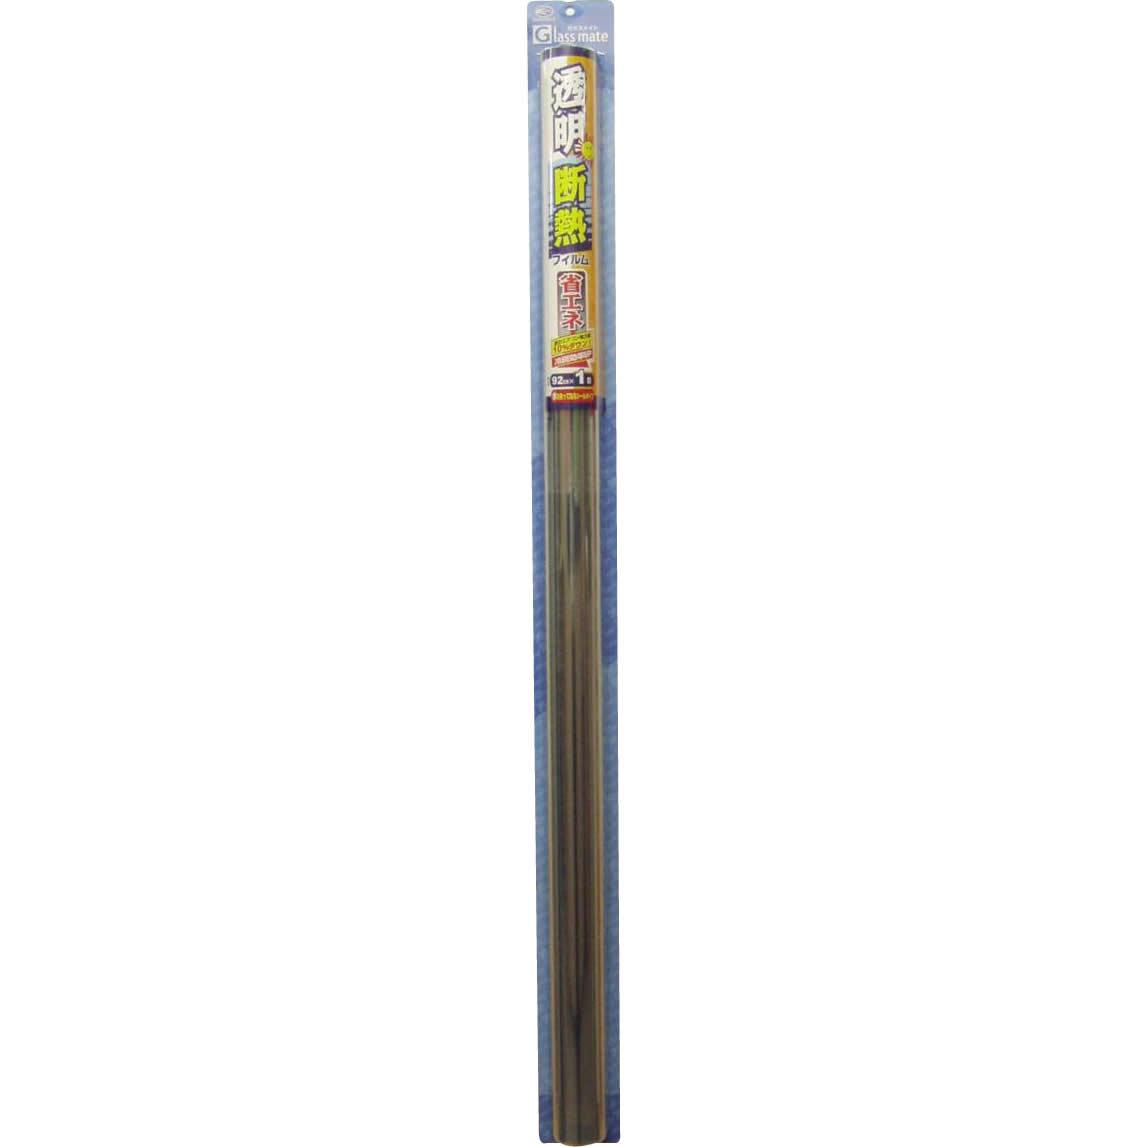 便利雑貨 UVカット+省エネ機能がついた 透明断熱フィルム 92×20m IR-05R